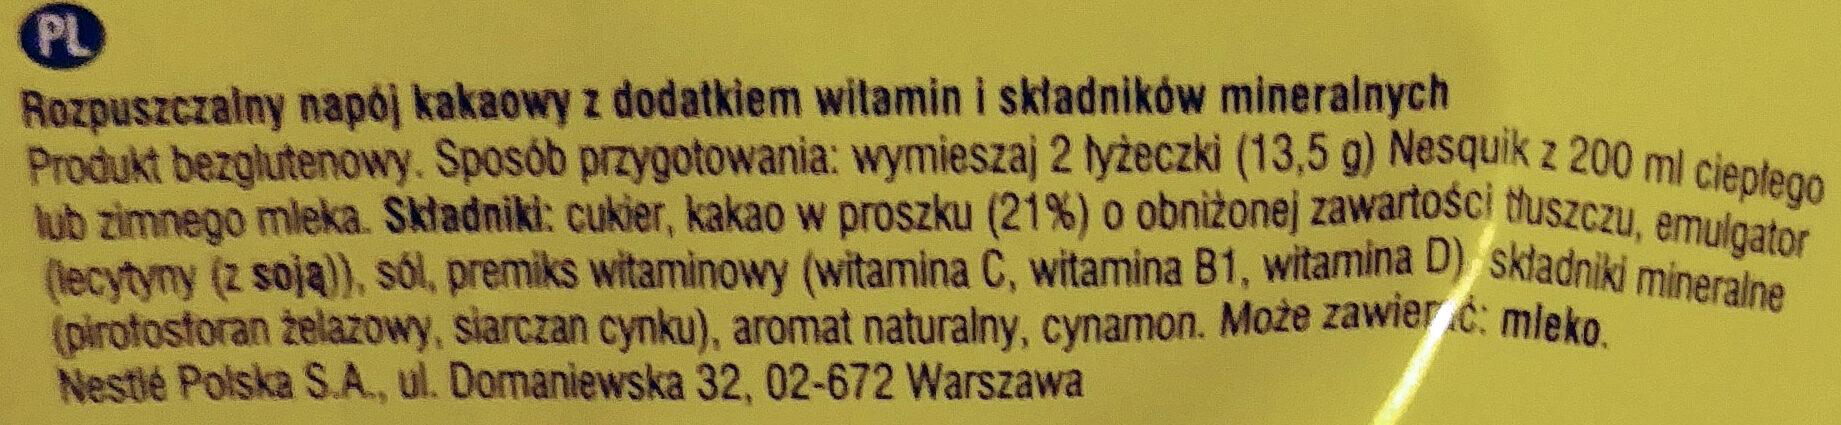 Rozpuszczalny napój kakaowy z dodatkiem witamin i składników mineralnych. - Składniki - pl